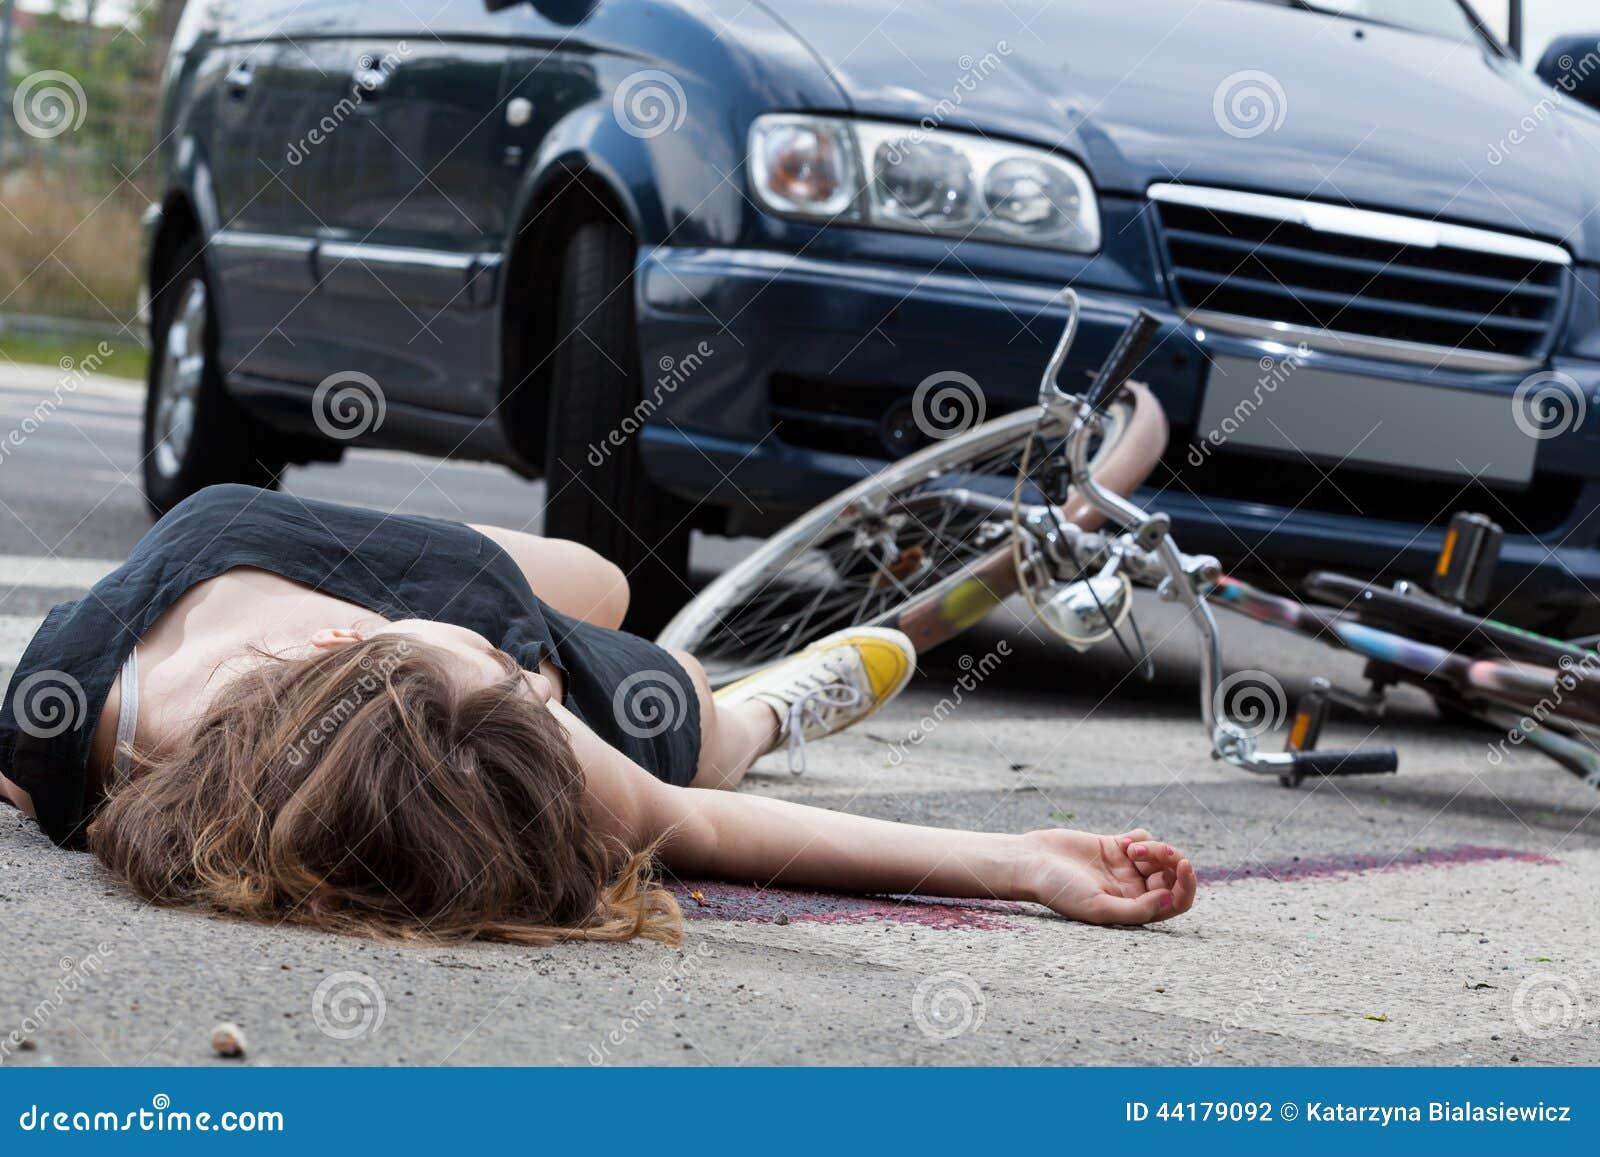 Pile driver 5 scene 3 10